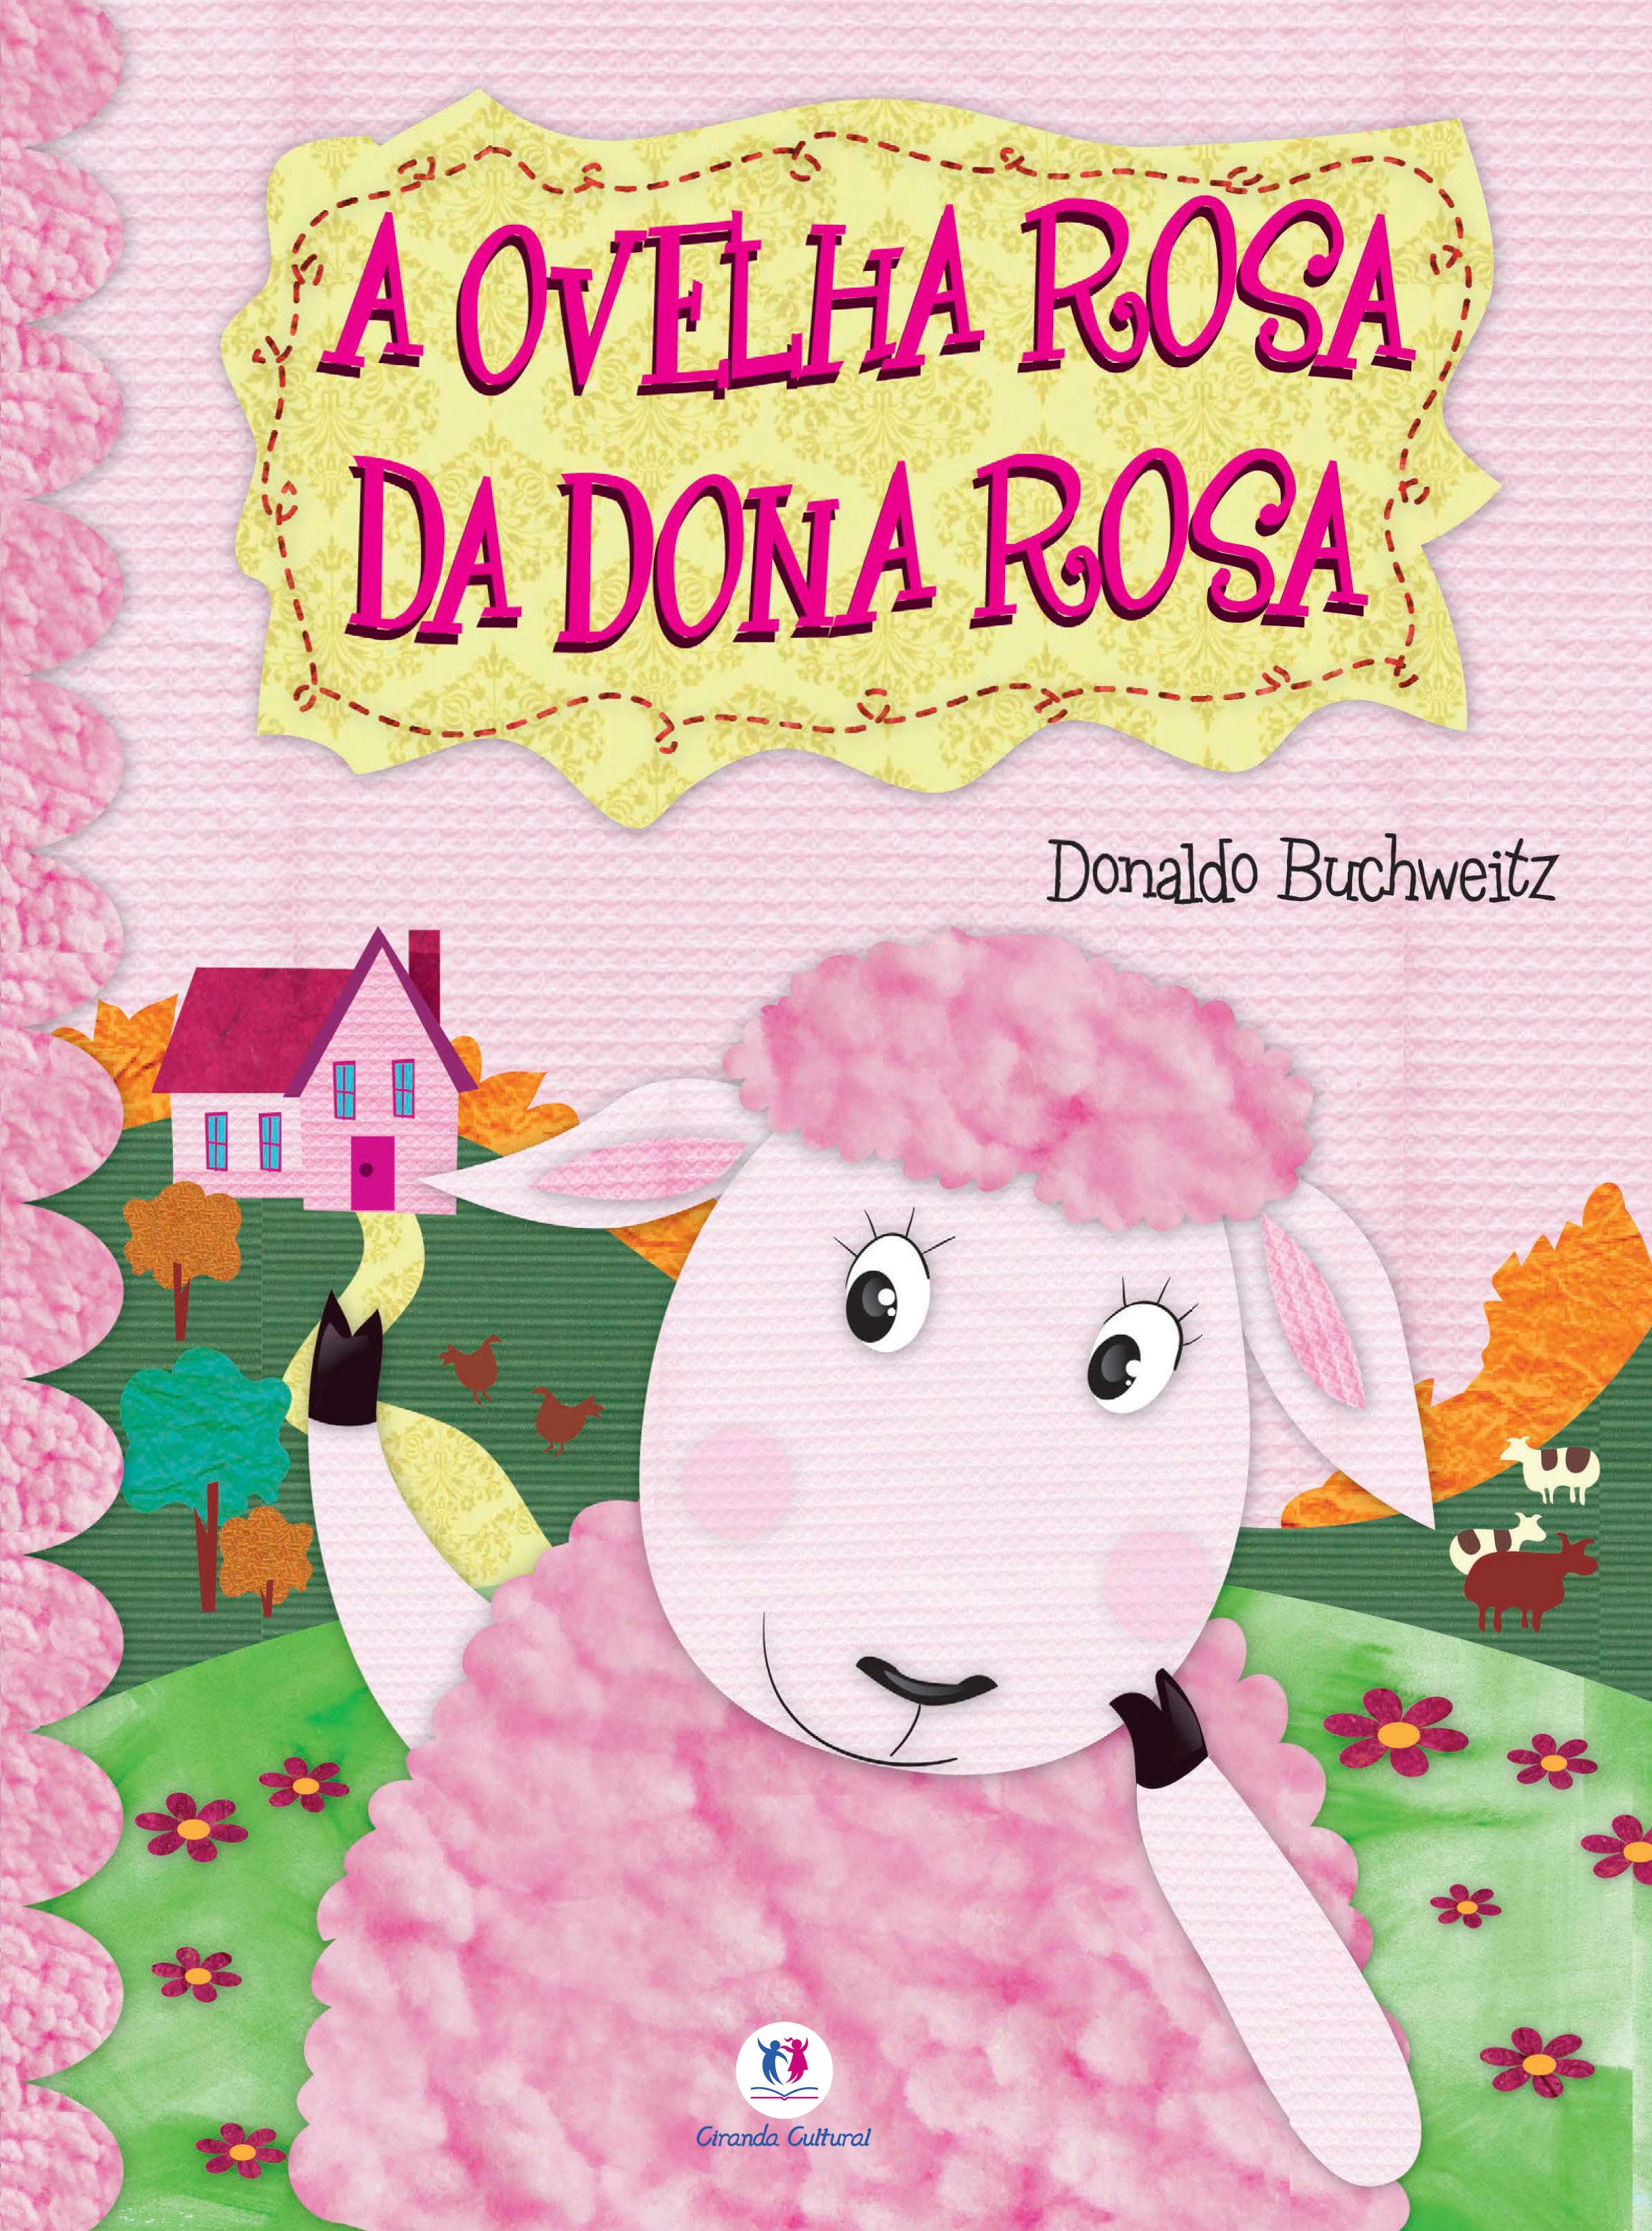 ovelha_rosa_capa